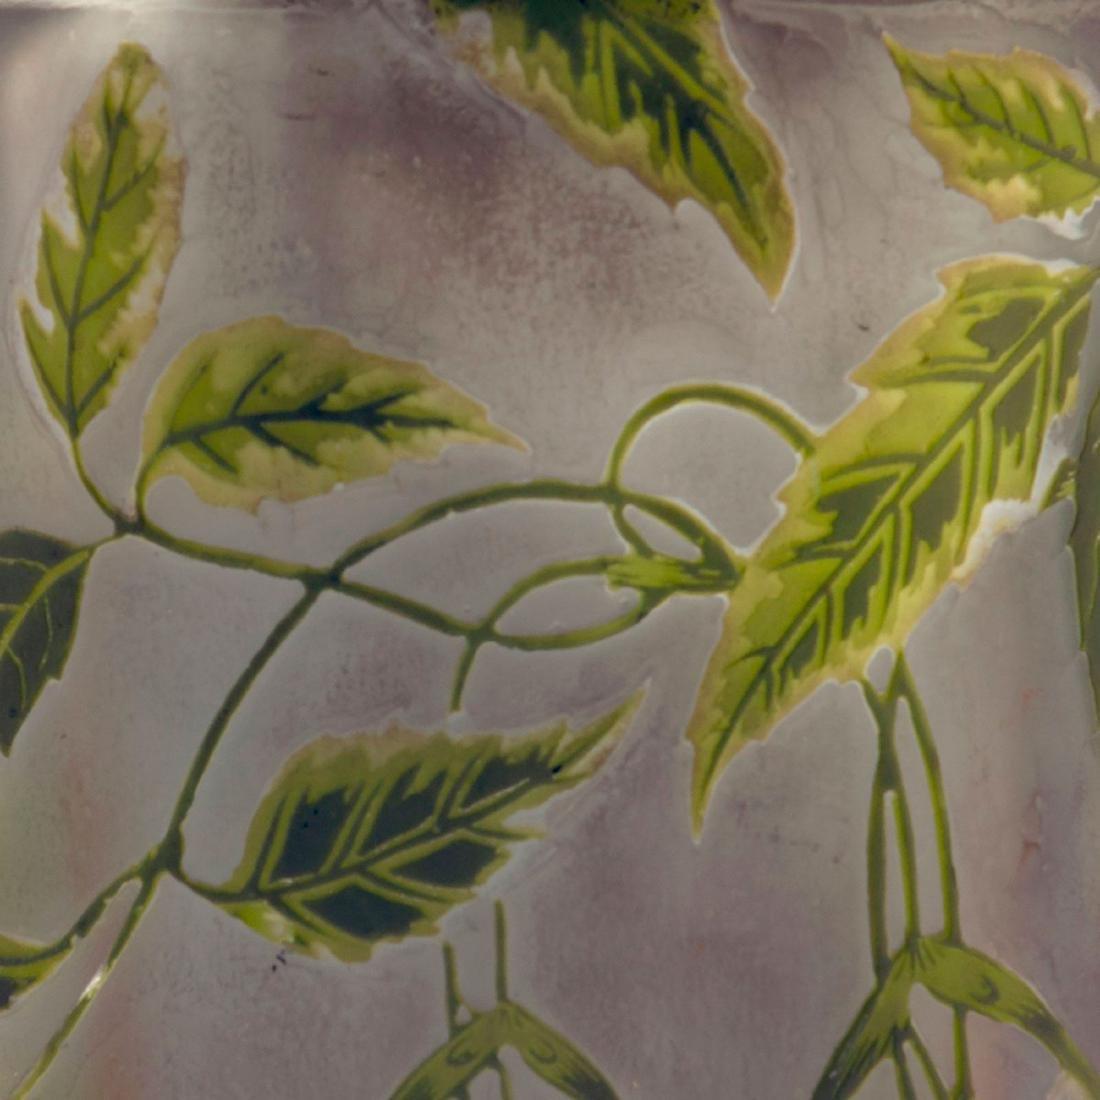 'Erable à feuilles de frêne' vase, 1905-06 - 3